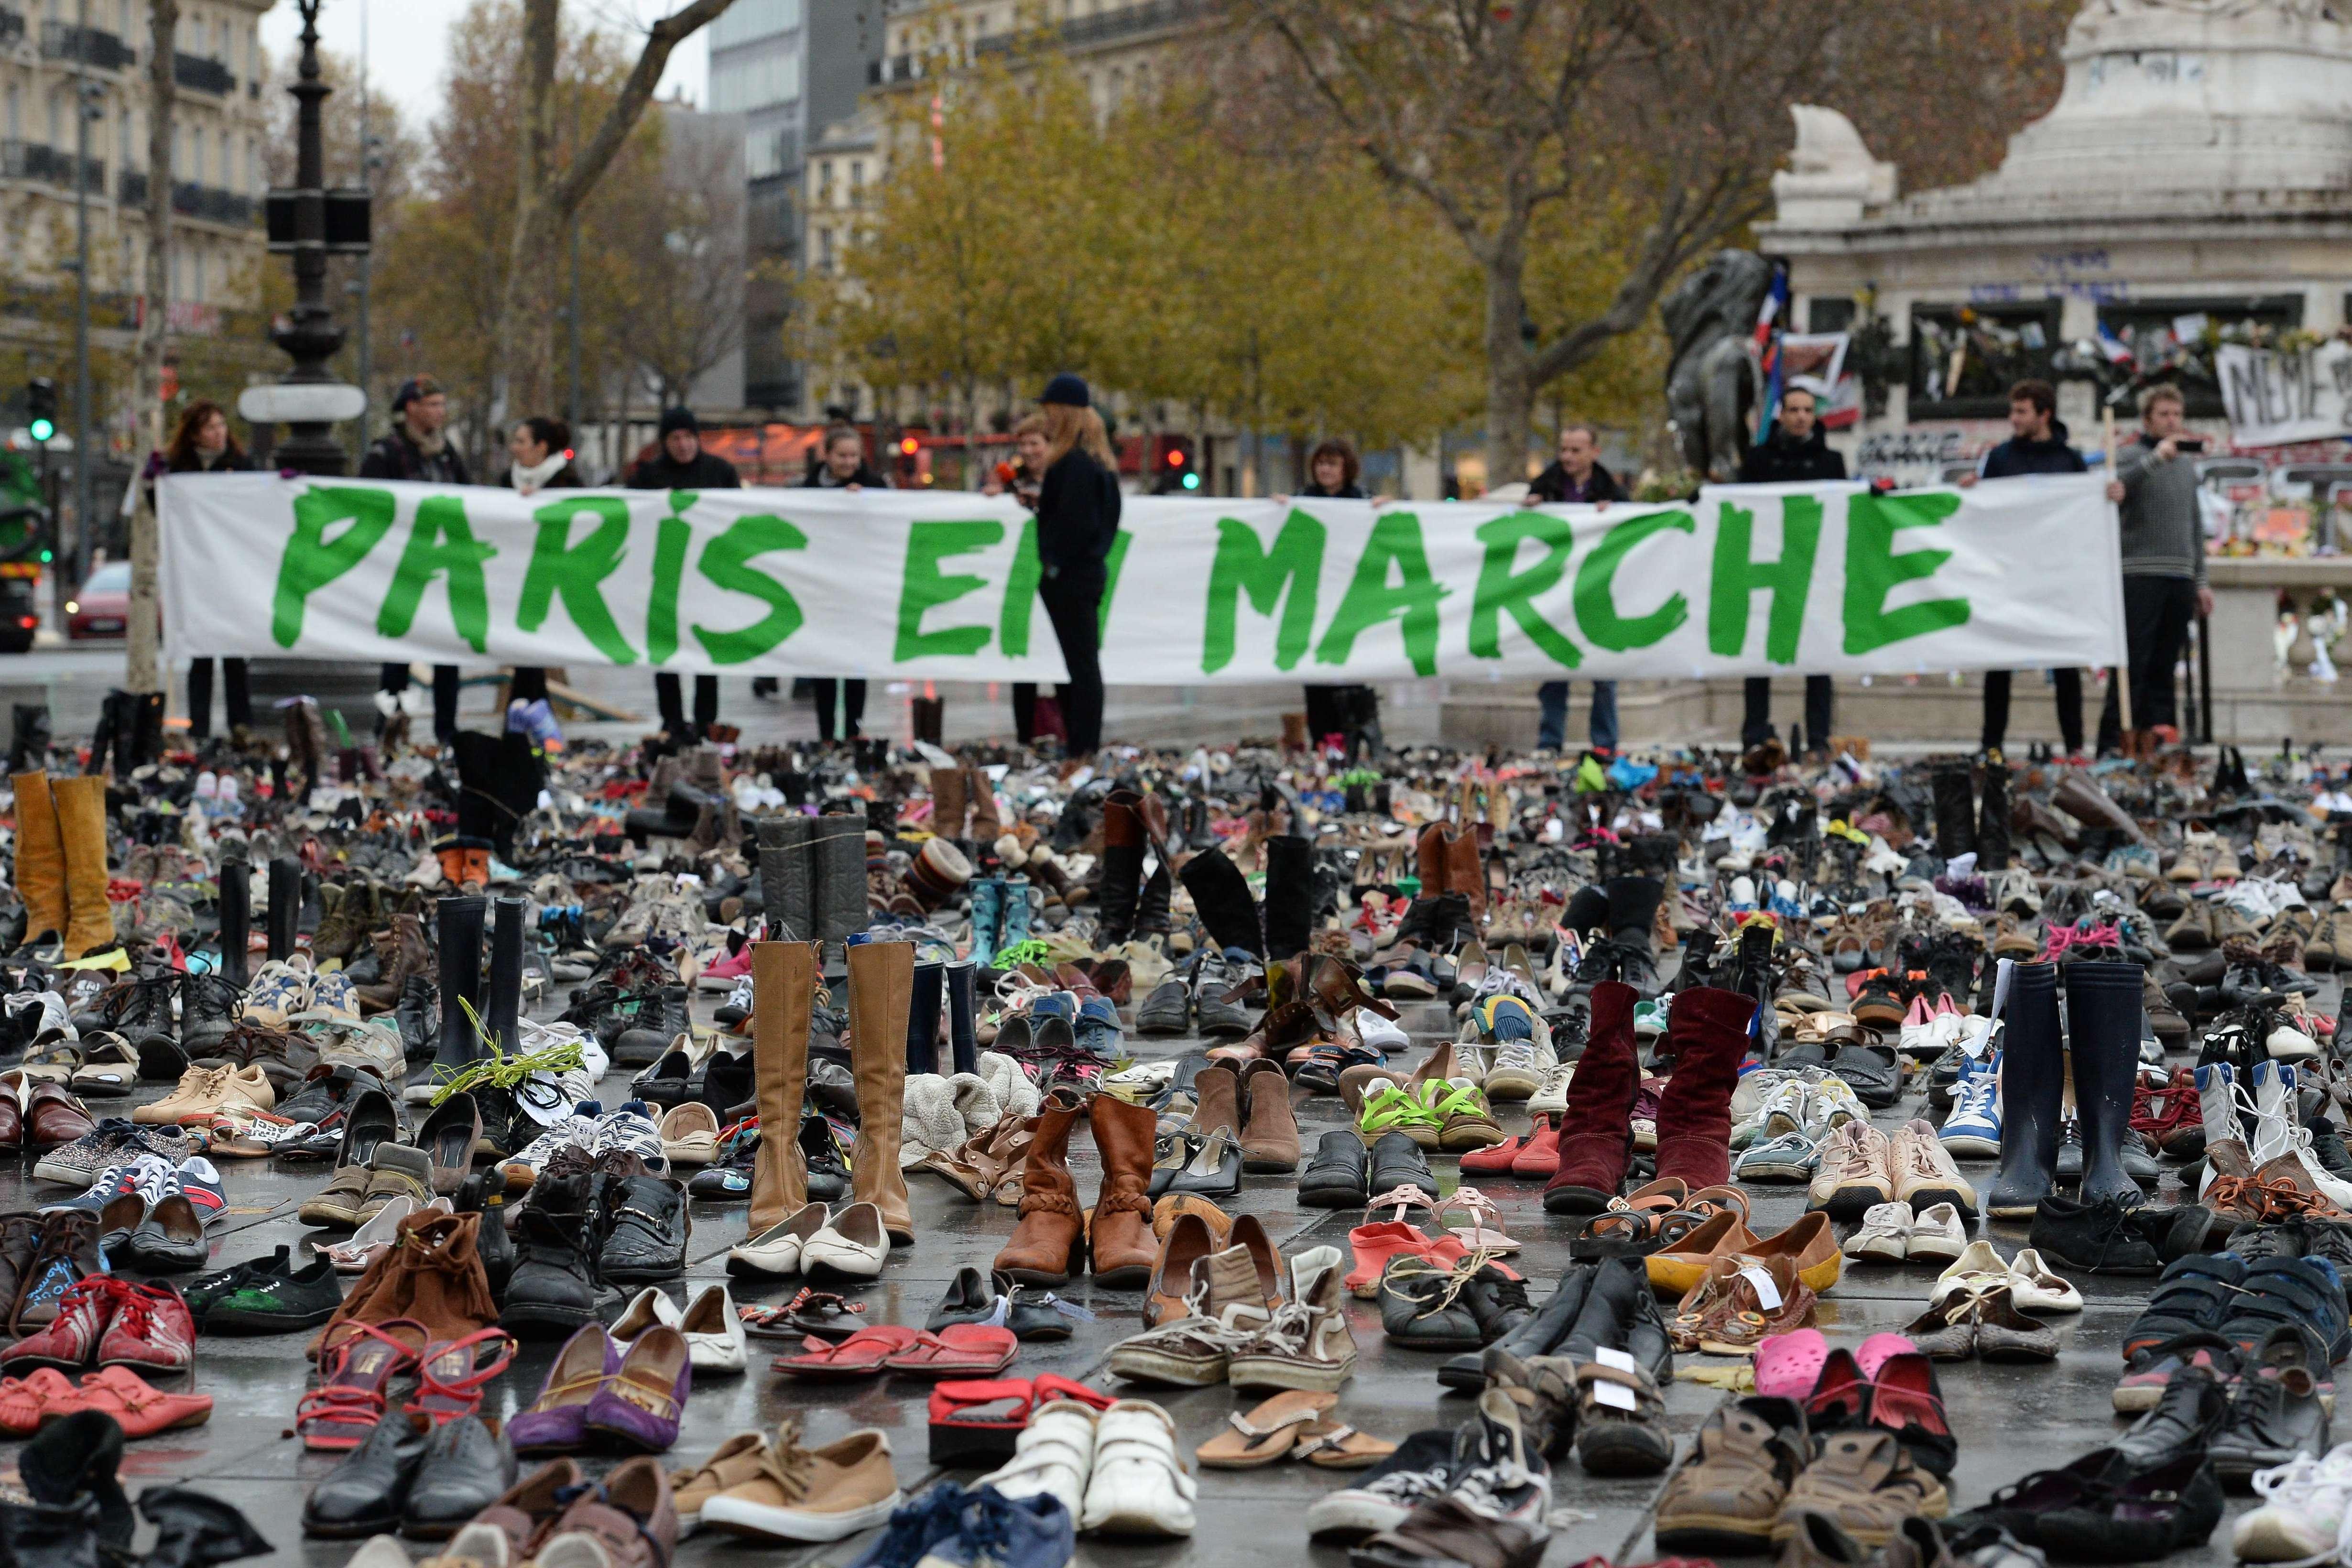 """""""Plus de quatre tonnes"""" de chaussures ont été collectées depuis une semaine, explique à l'AFP Emma Ruby Sachs, directrice adjointe d'Avaaz, mouvement mondial de mobilisation citoyenne, à l'initiative de l'opération."""